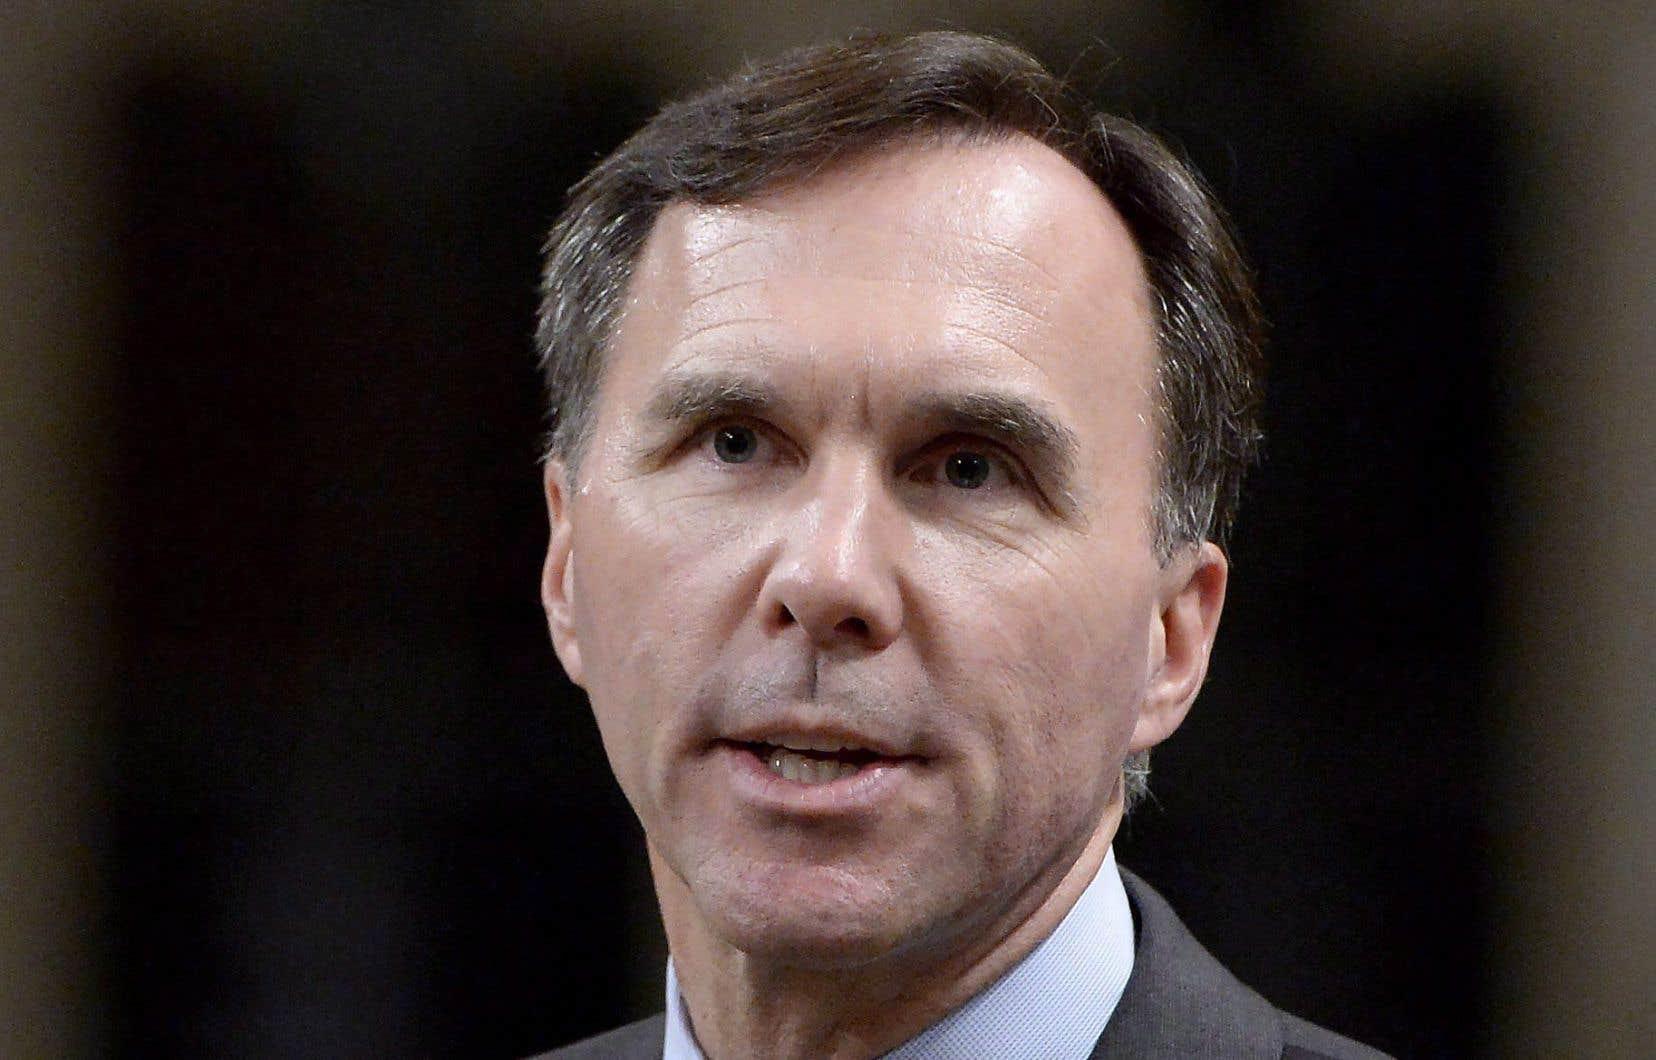 Le ministre Bill Morneau a conservé des actions de Morneau Shepell dans des sociétés privées après son entrée au conseil des ministres.